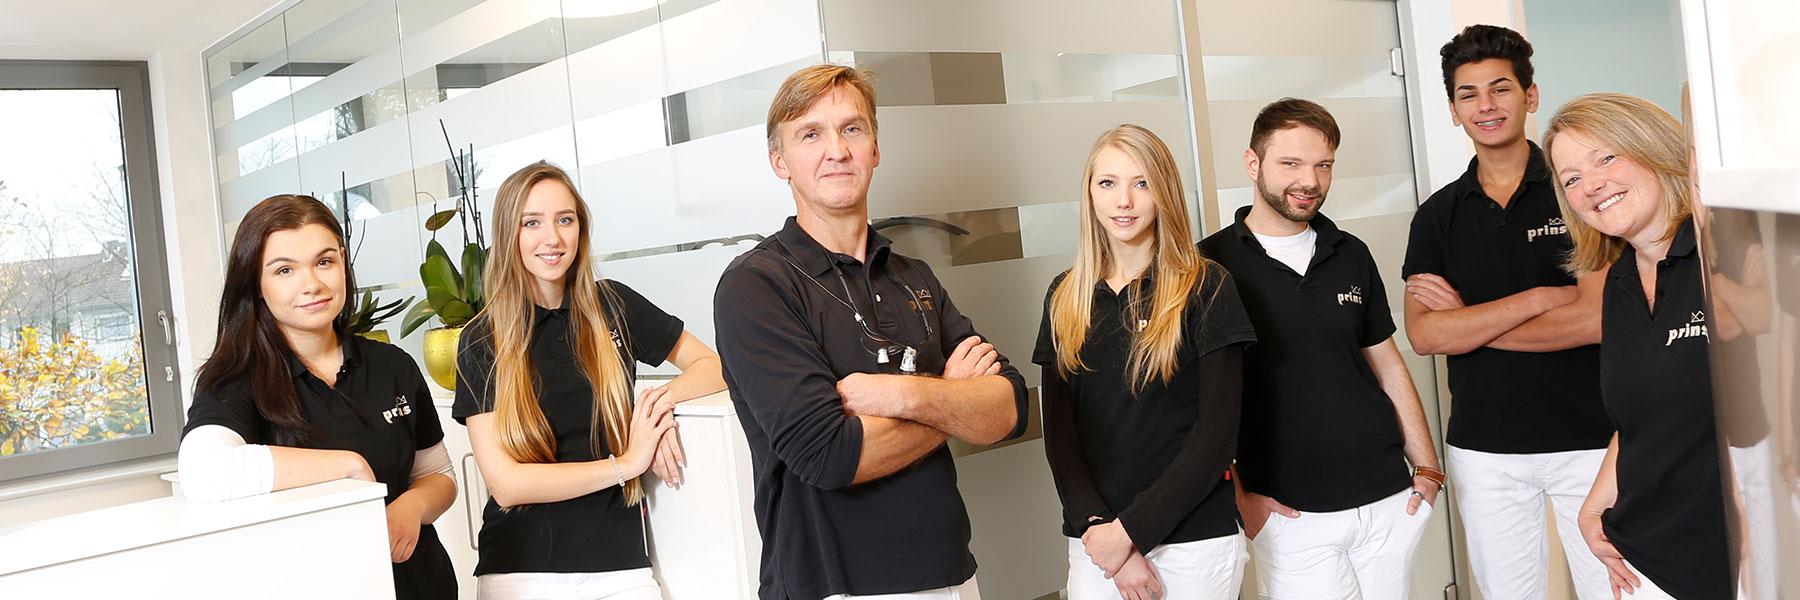 Ihr Team von Zahnarzt Langenhagen – Uwe Prins und seine Mitarbeiter